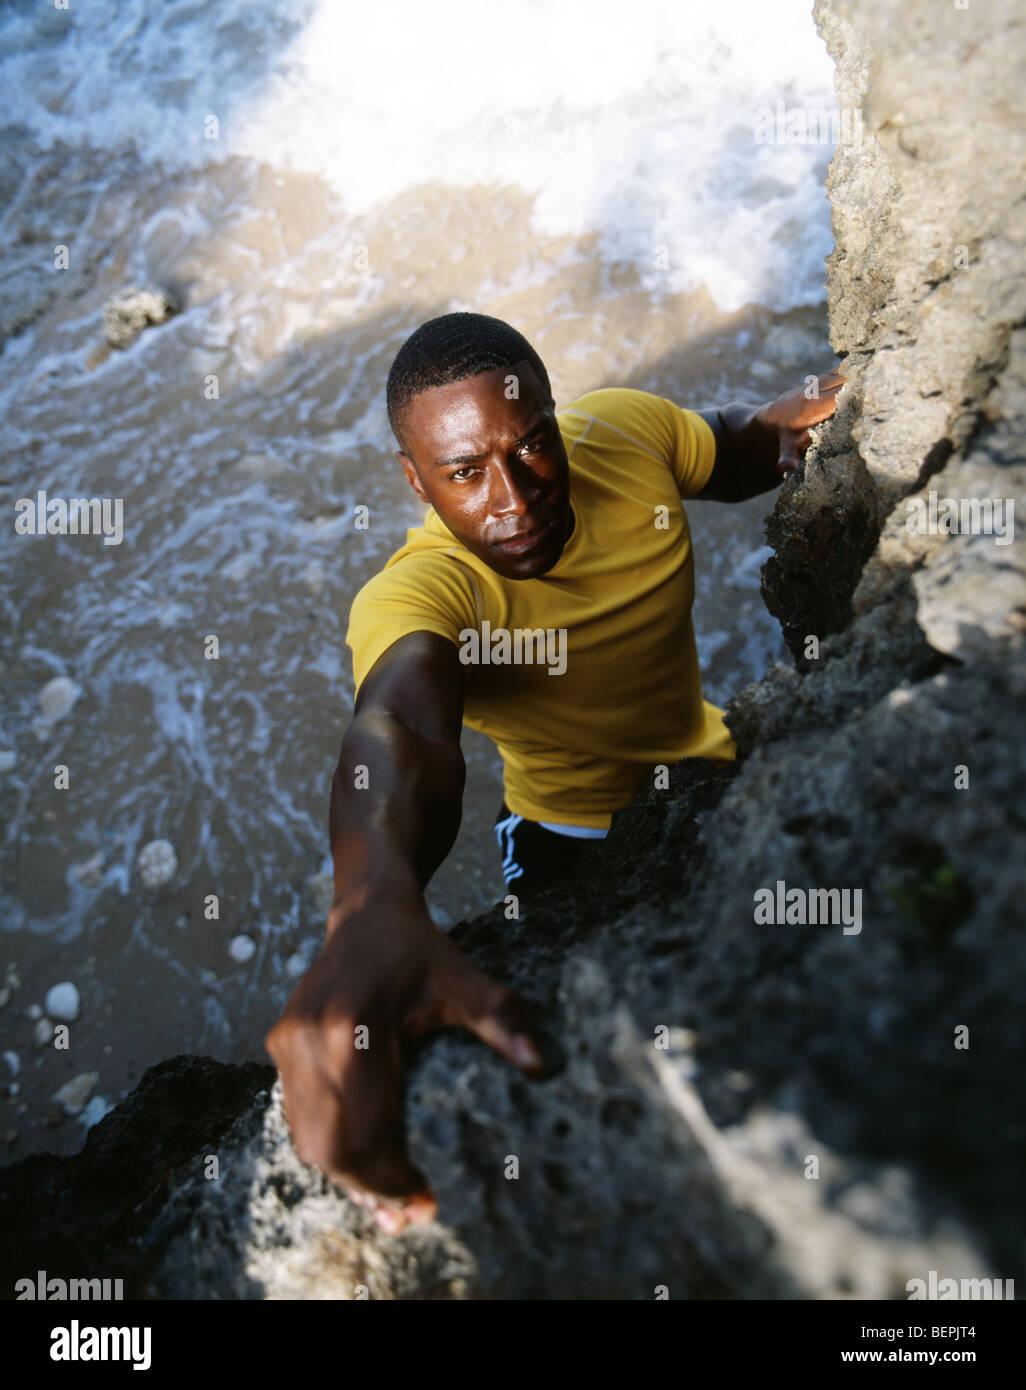 La escalada en roca, Okinawa, Japón Imagen De Stock